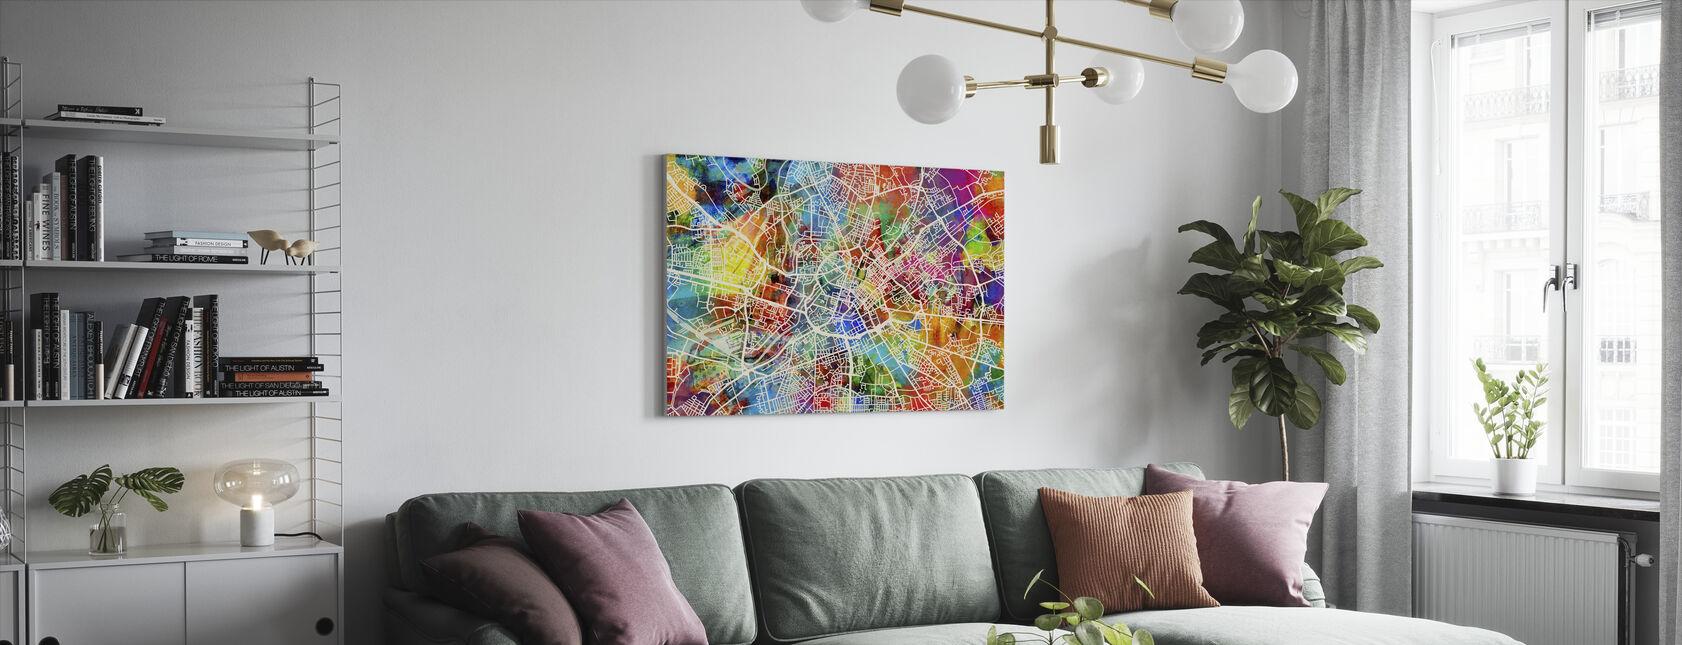 Carte de rue Manchester Multicolore - Impression sur toile - Salle à manger